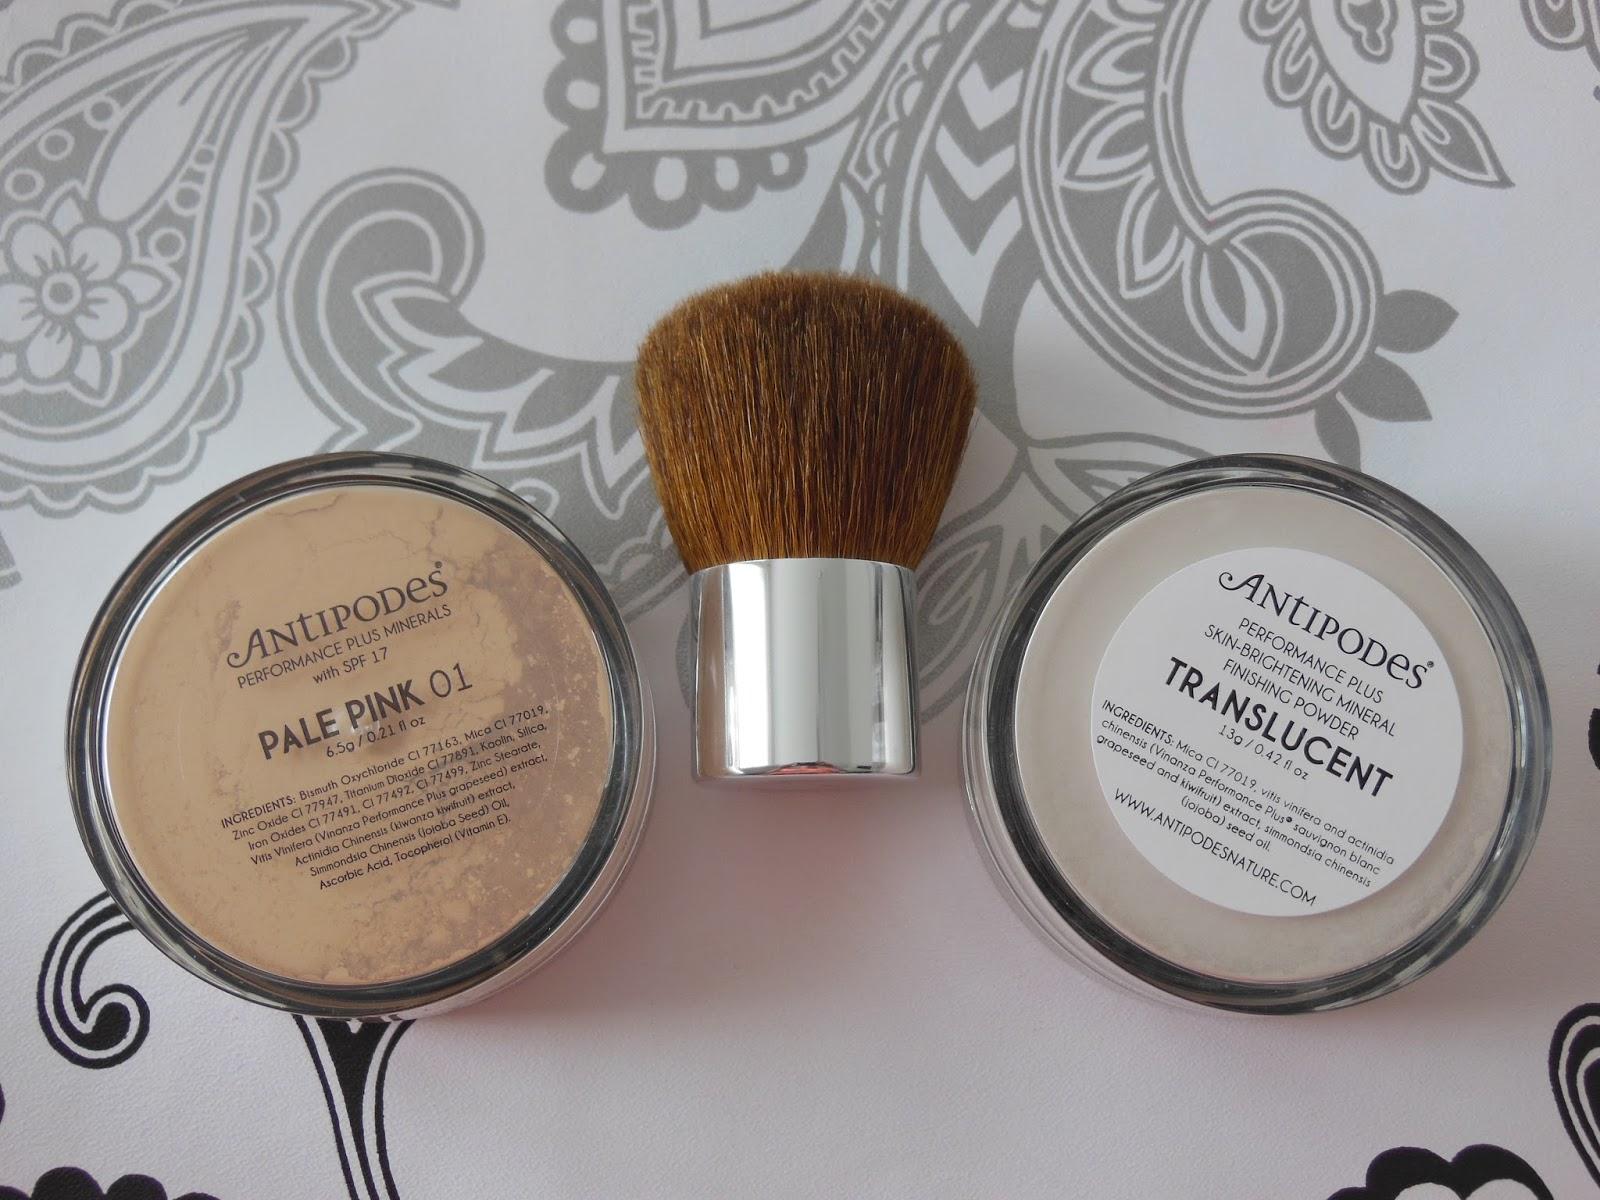 best finishing powder for mineral makeup makeup vidalondon. Black Bedroom Furniture Sets. Home Design Ideas